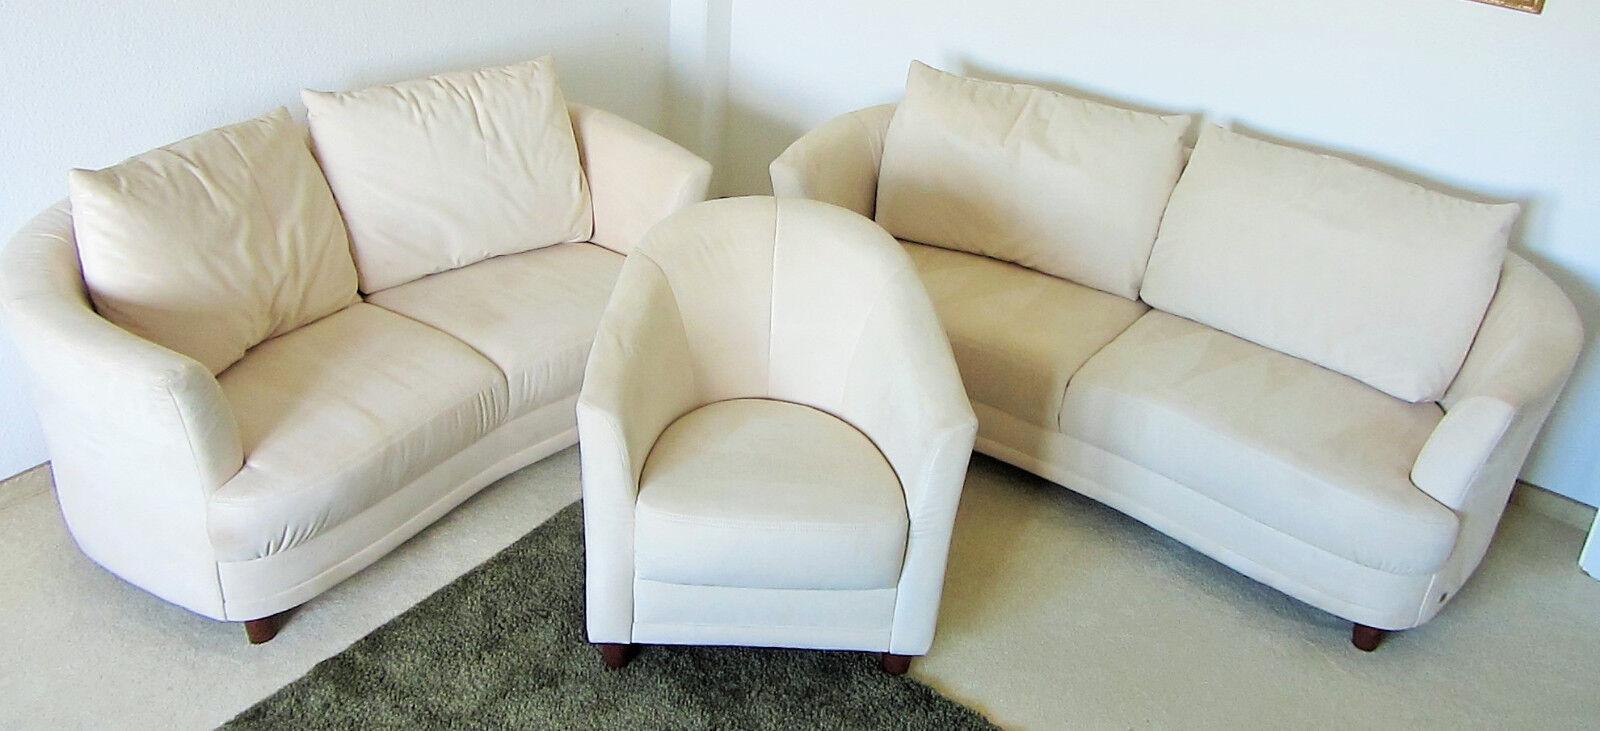 Musterring Leder Sessel Blau Einsitzer Echtleder Relax